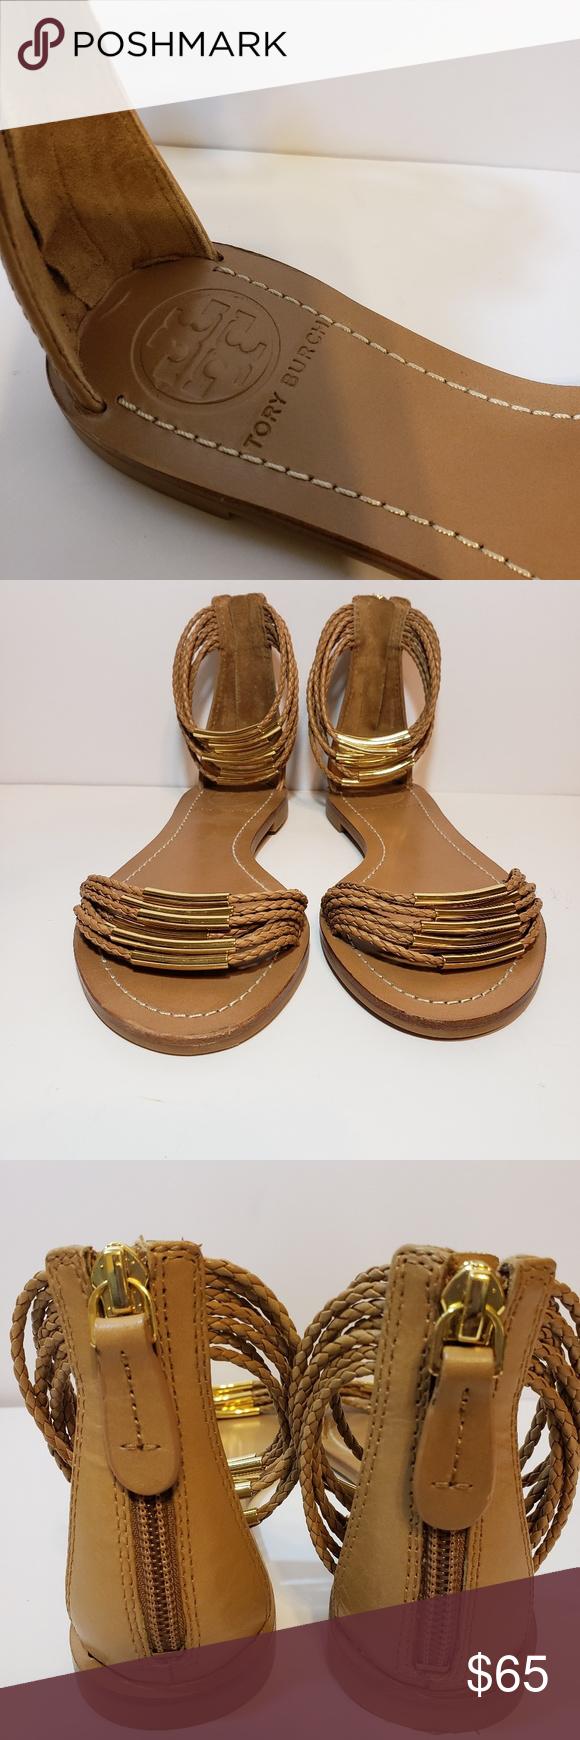 8293c6f21234 Tory Burch Mignon Tan Braided Strappy Sandals 5M Tory Burch Mignon braided  strappy flat sandals